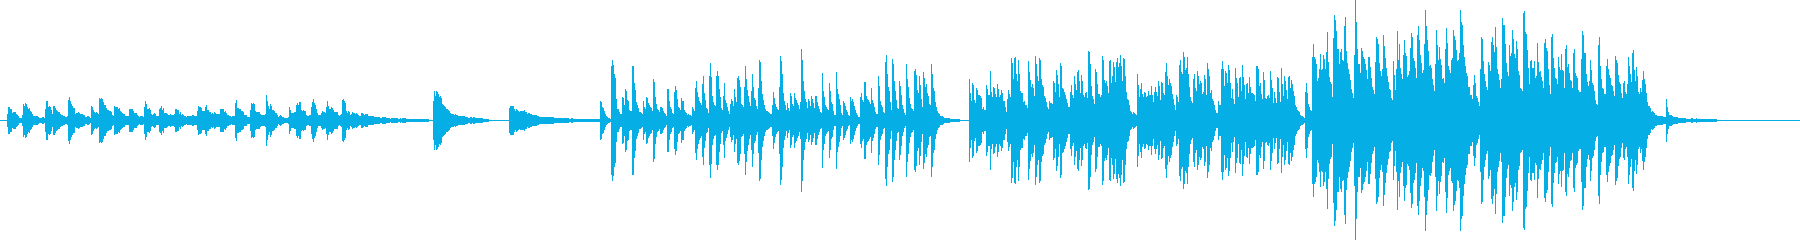 童話世界のBGM-Piano Ver.-の再生済みの波形